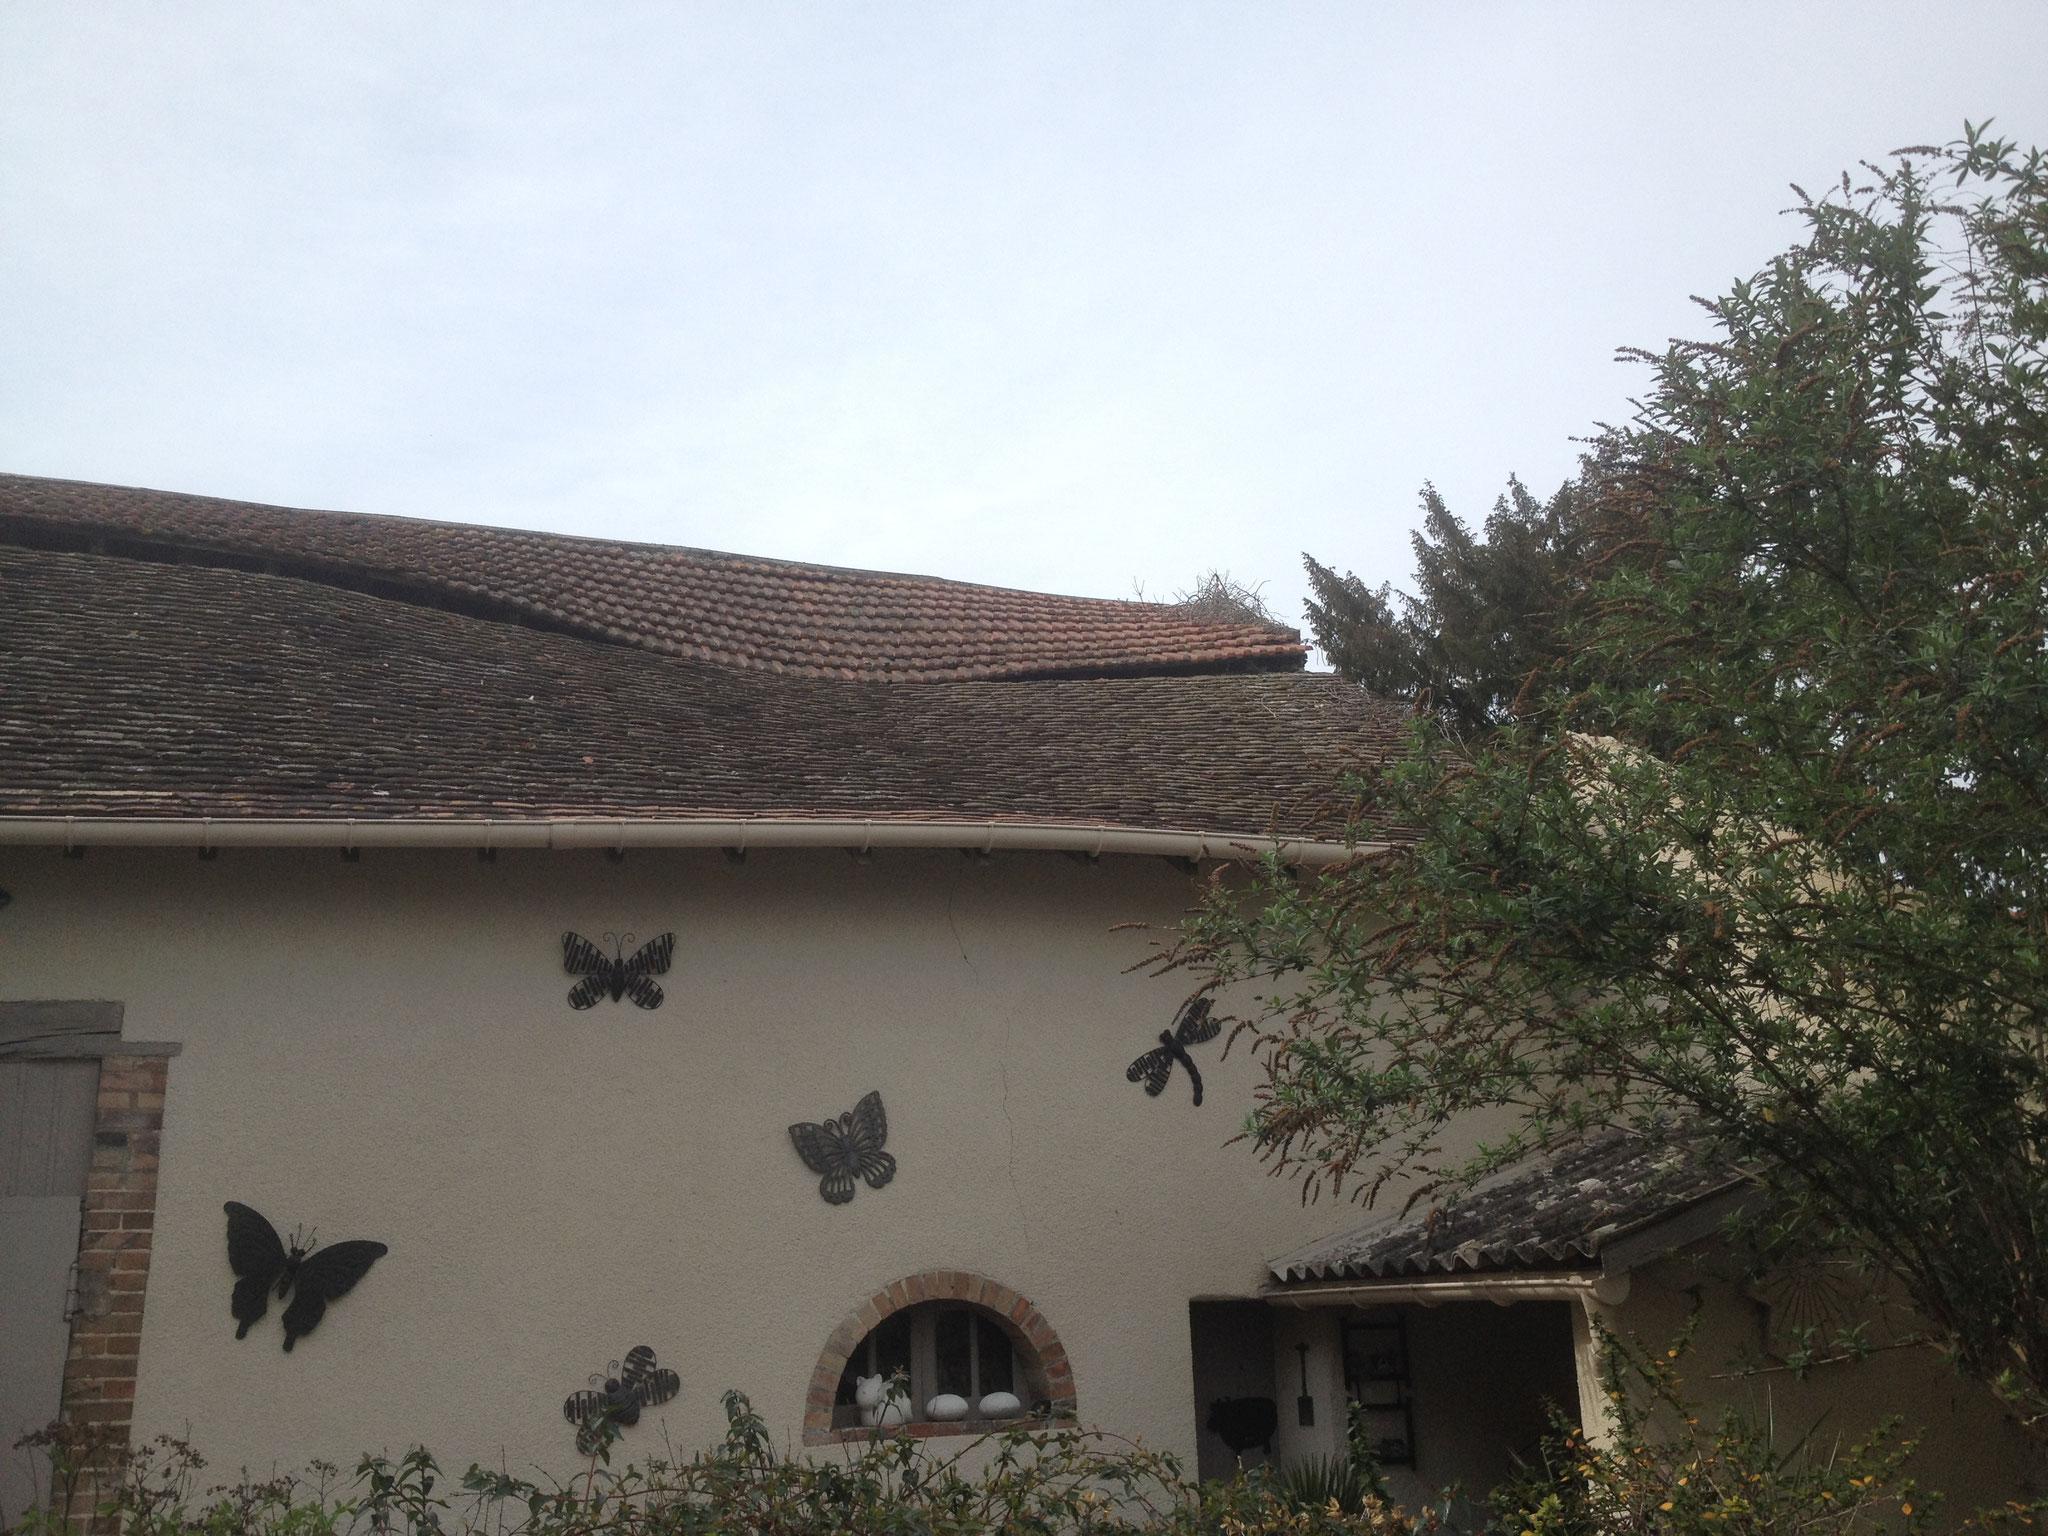 Altération de la charpente : charpente cassée, toit déformé